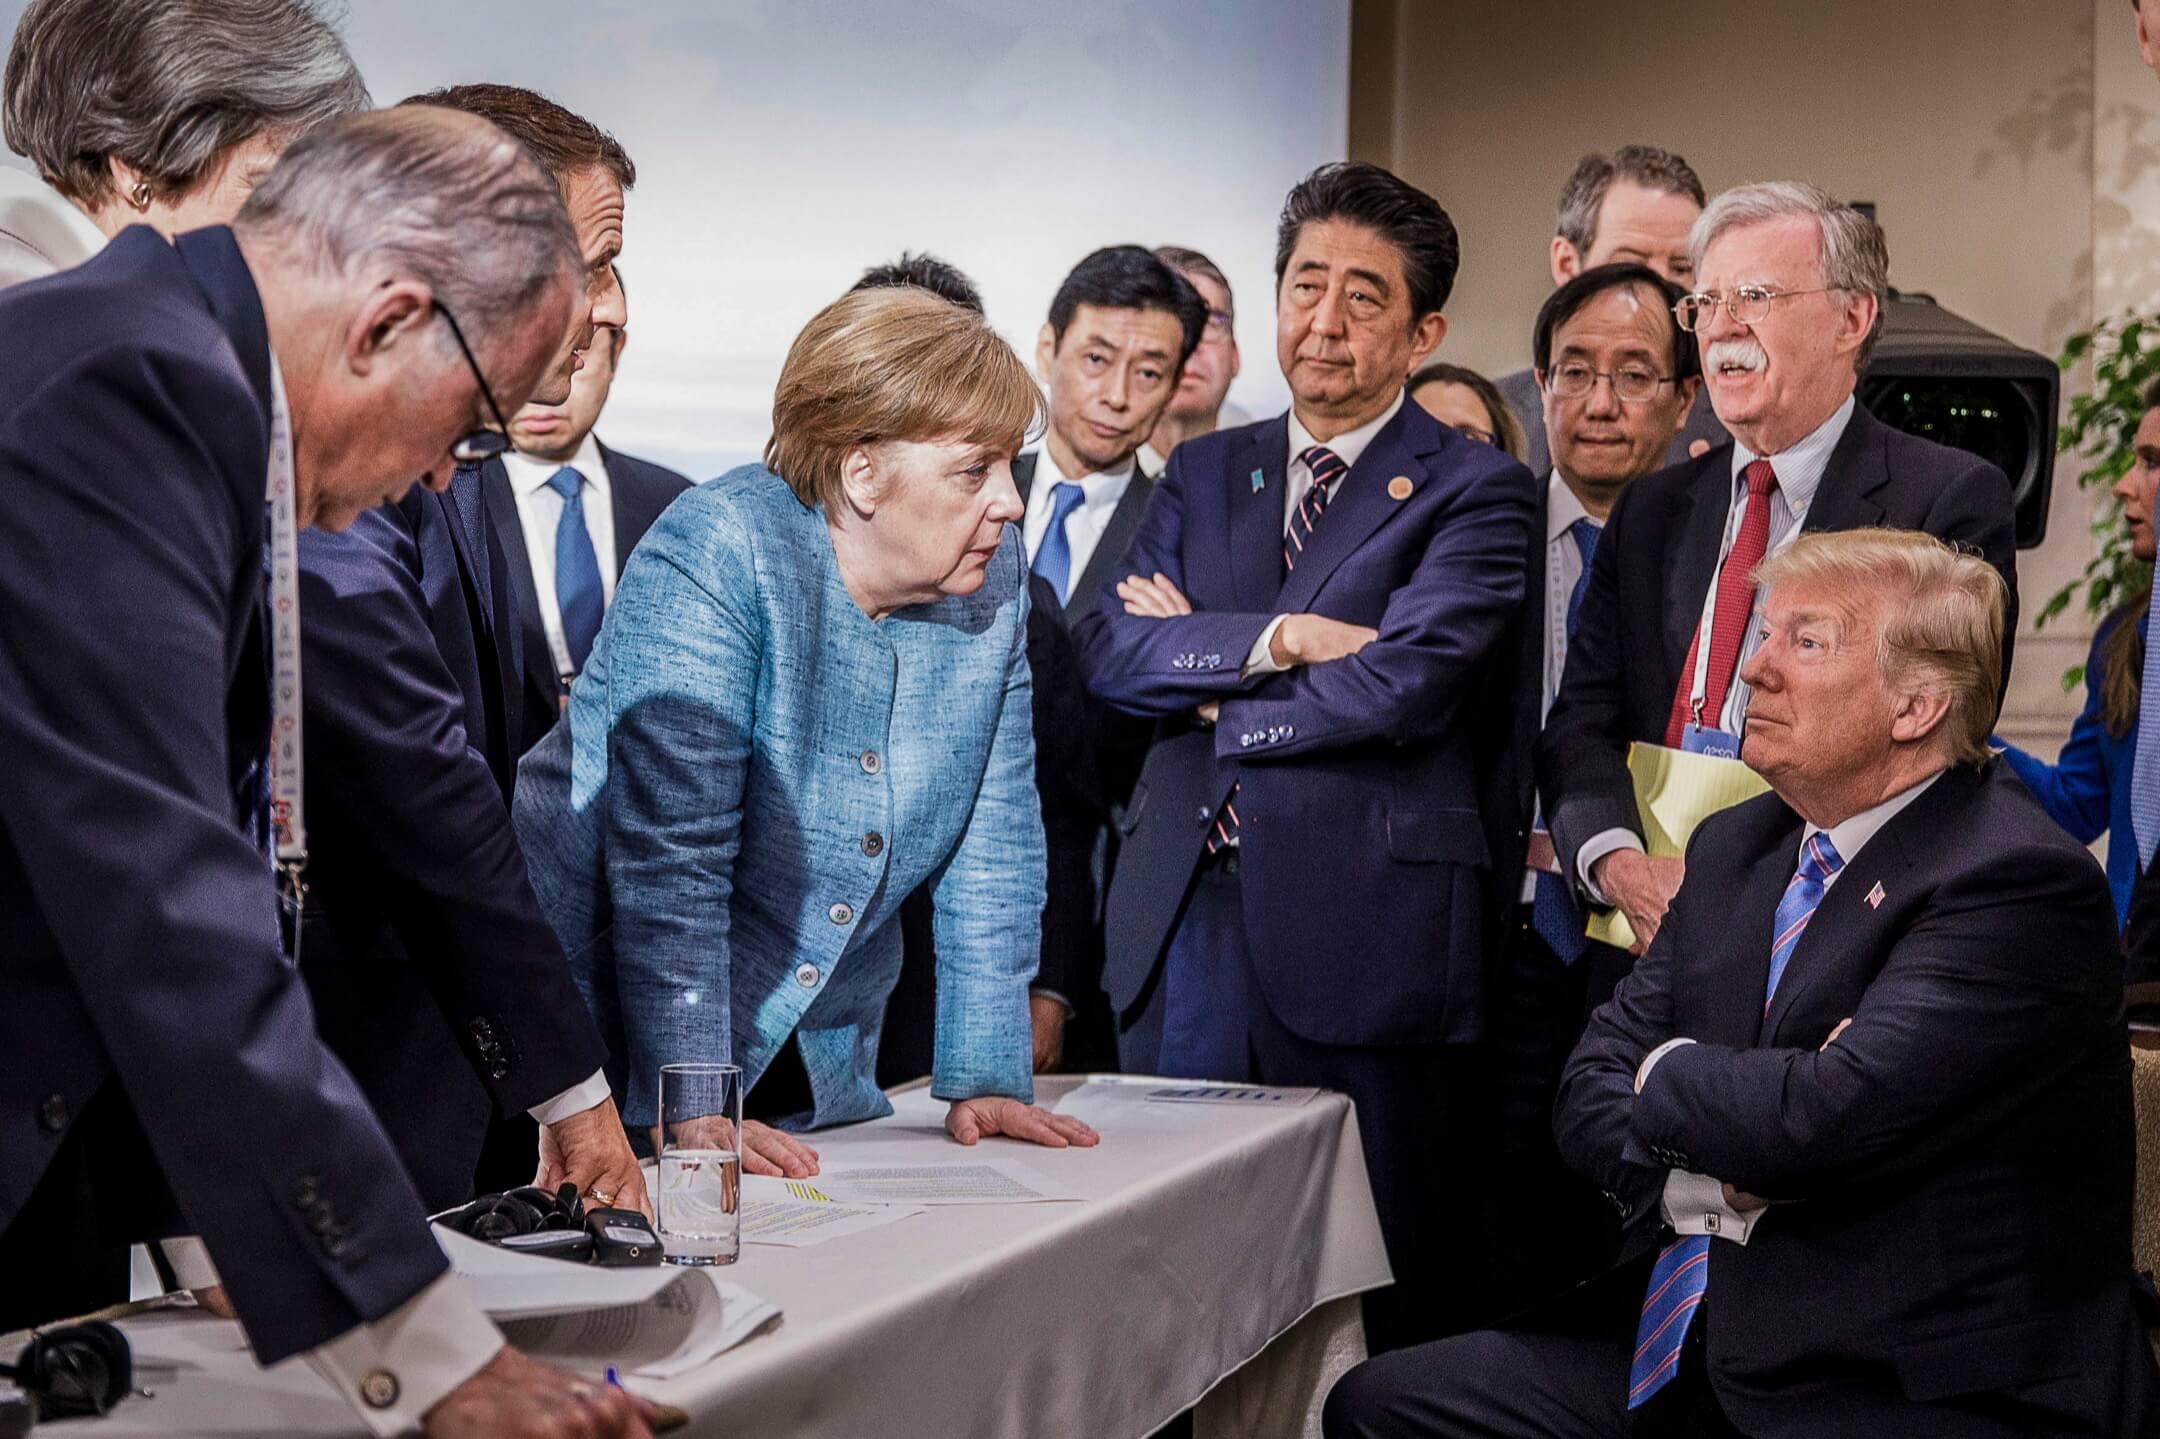 2018年6月9日,七國集團峰會於加拿大魁北克省舉行,法國總統馬克龍、德國總理默克爾、日本首相安倍晉三等國家元首正與美國總統特朗普對話。 攝:Jesco Denze/Handout via EPA